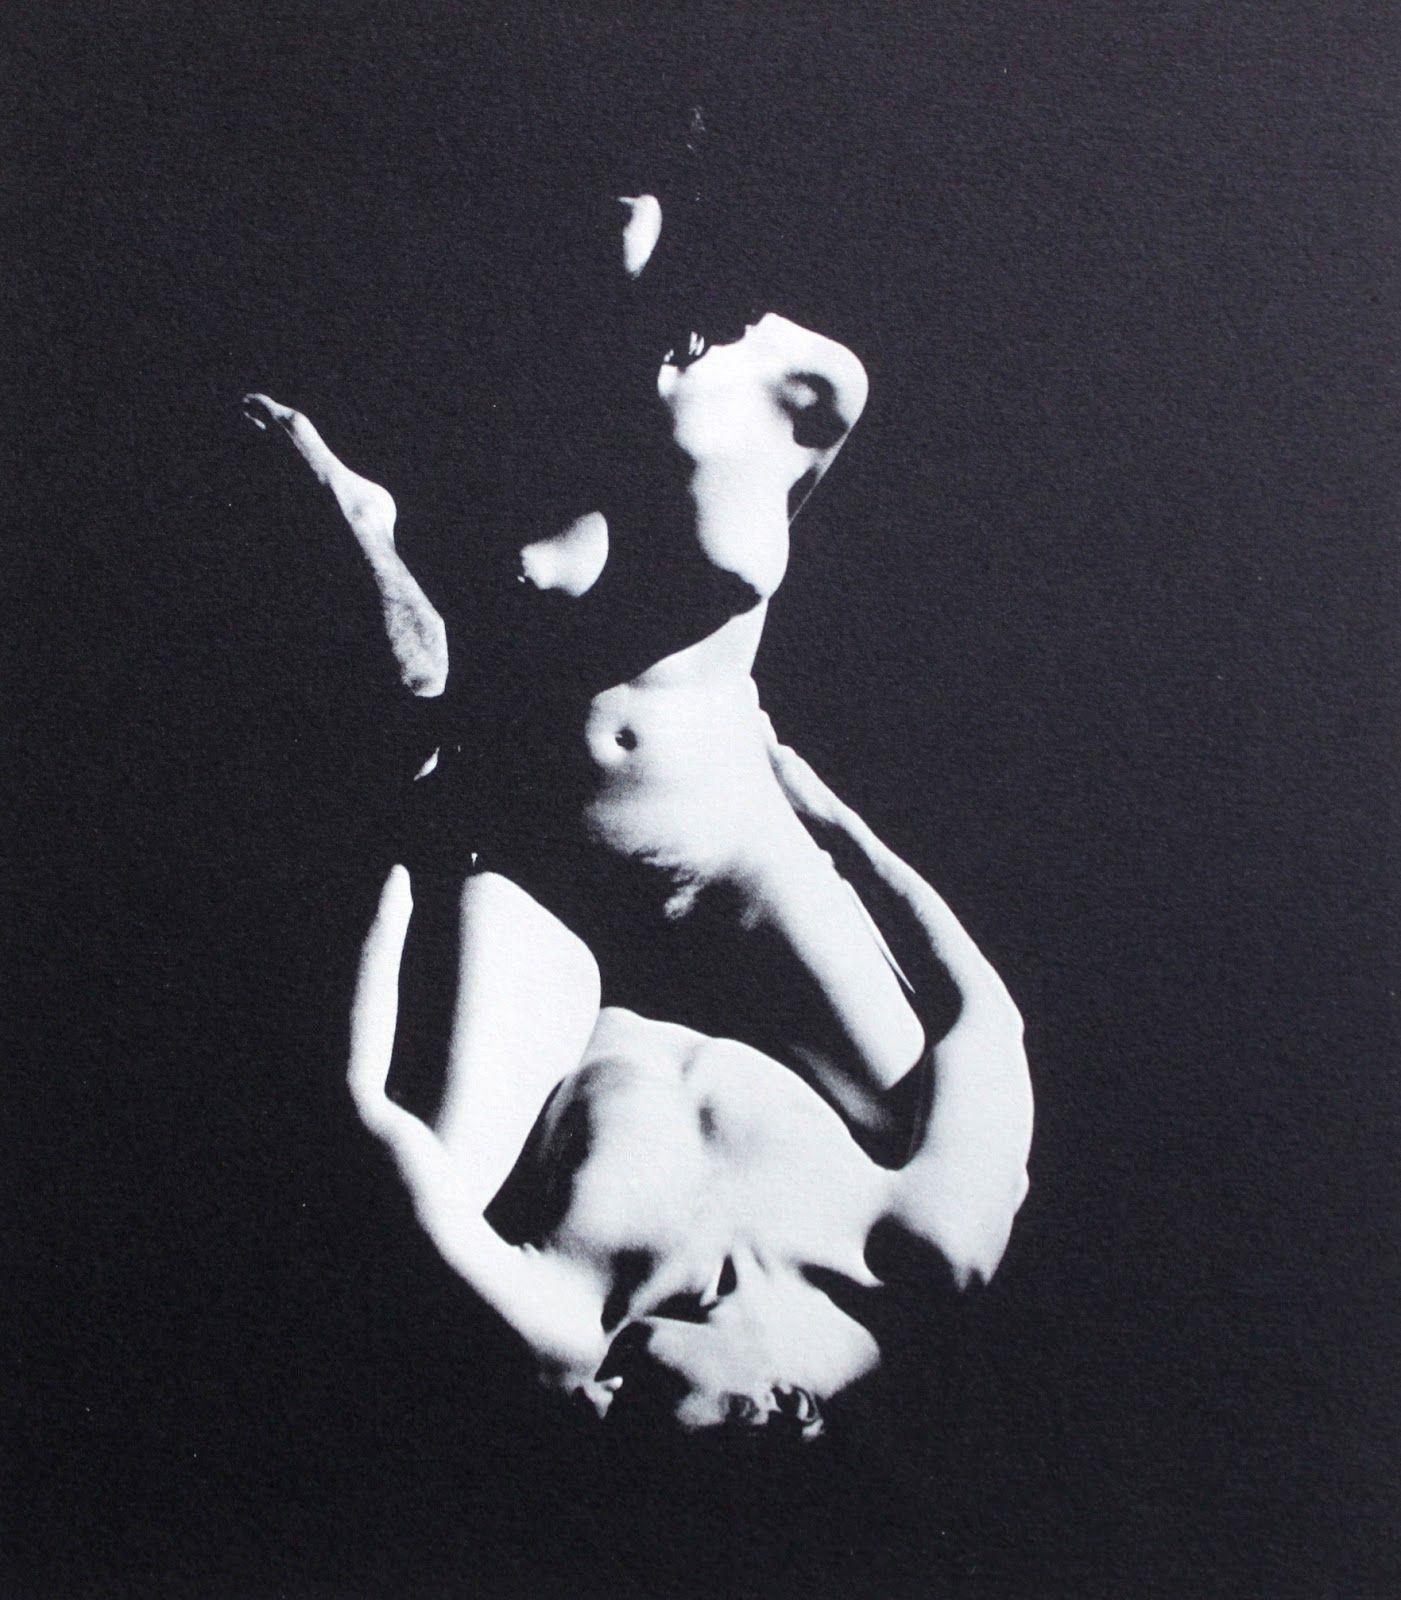 Pierre JOUSSON photographe     ÉROTIQUES     La Balance, 1967      Portfolio à l'italienne in-folio (40 x 29 cm), en feuilles, 1 fe...